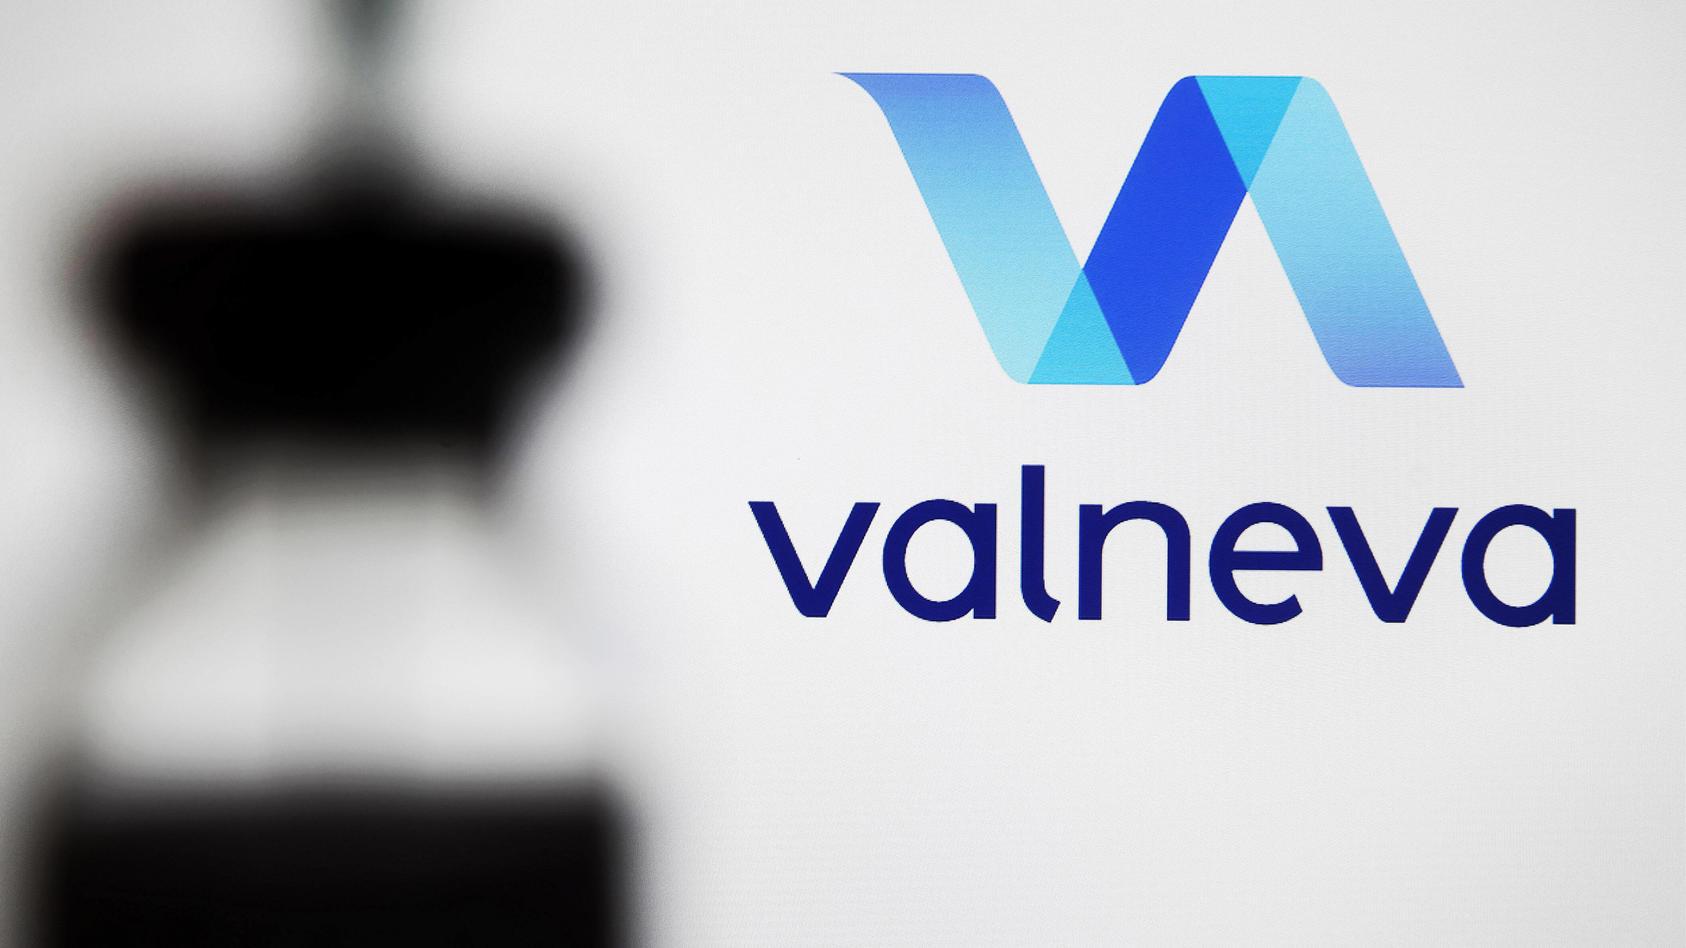 Mit der französischen Biotechfirma Valneva will nun erstmals ein europäisches Unternehmen einen sogenannten Totimpfstoff gegen Covid-19 in eine große klinische Studie bringen.